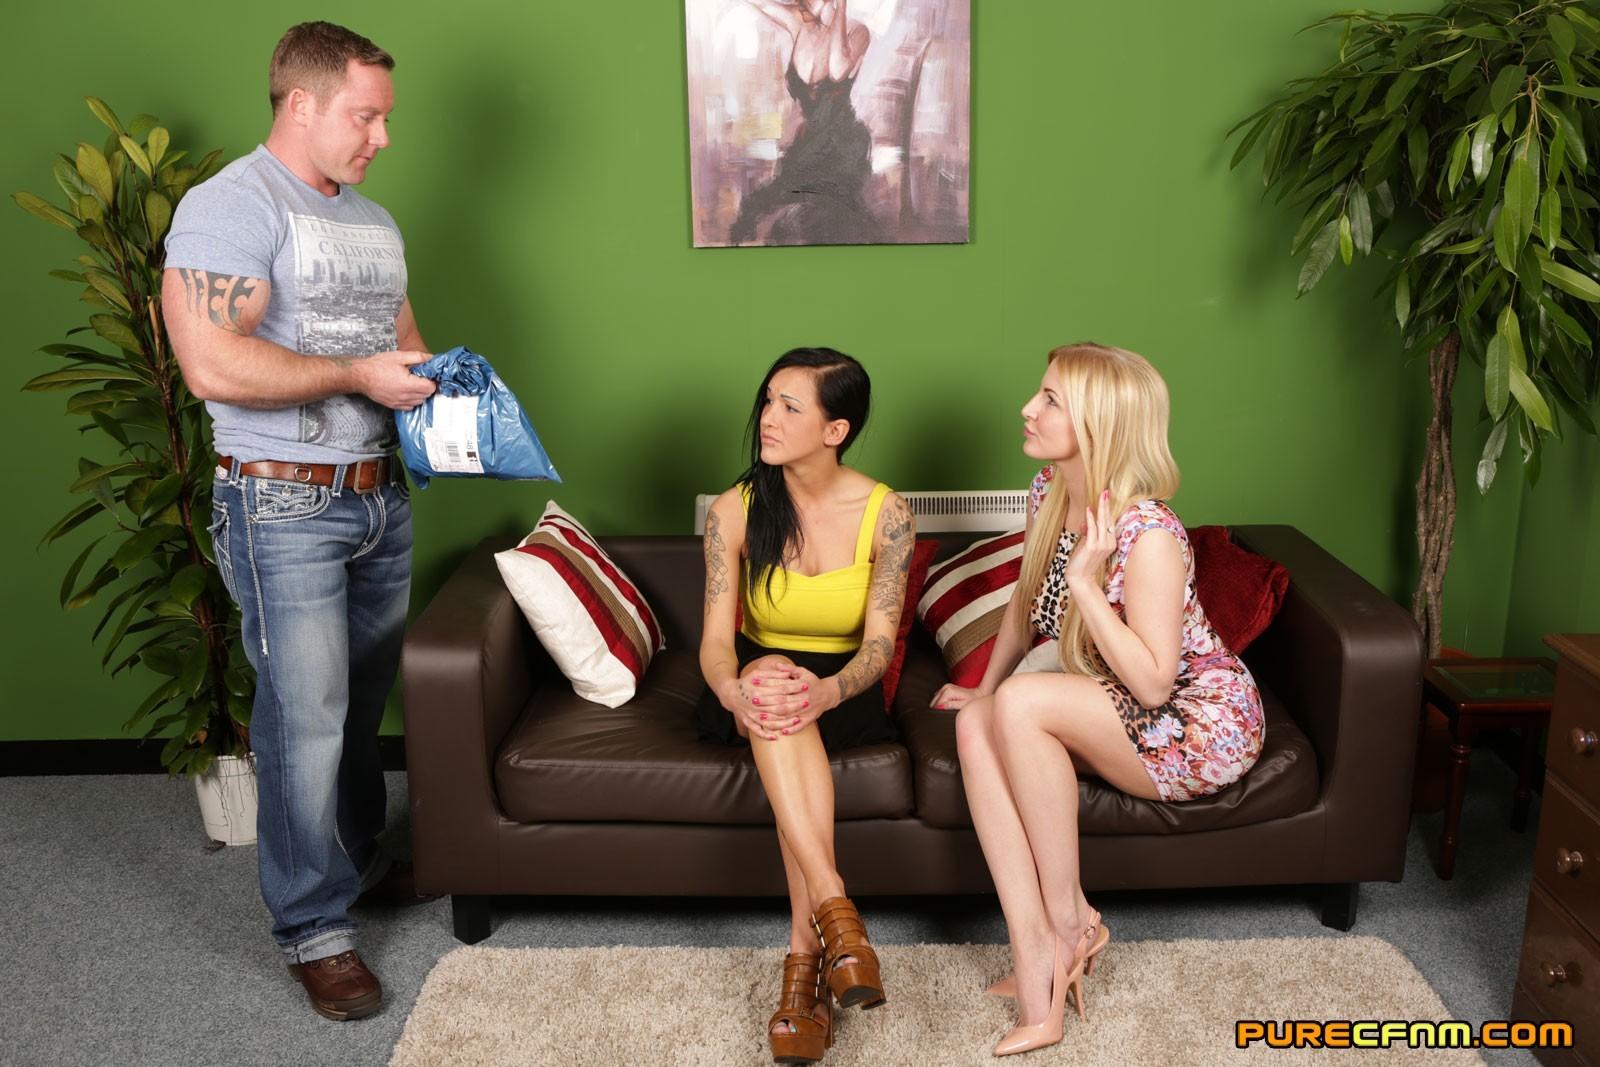 Лесбиянки делают страстный минет своему молодому парню который давно не чувствовал ласки